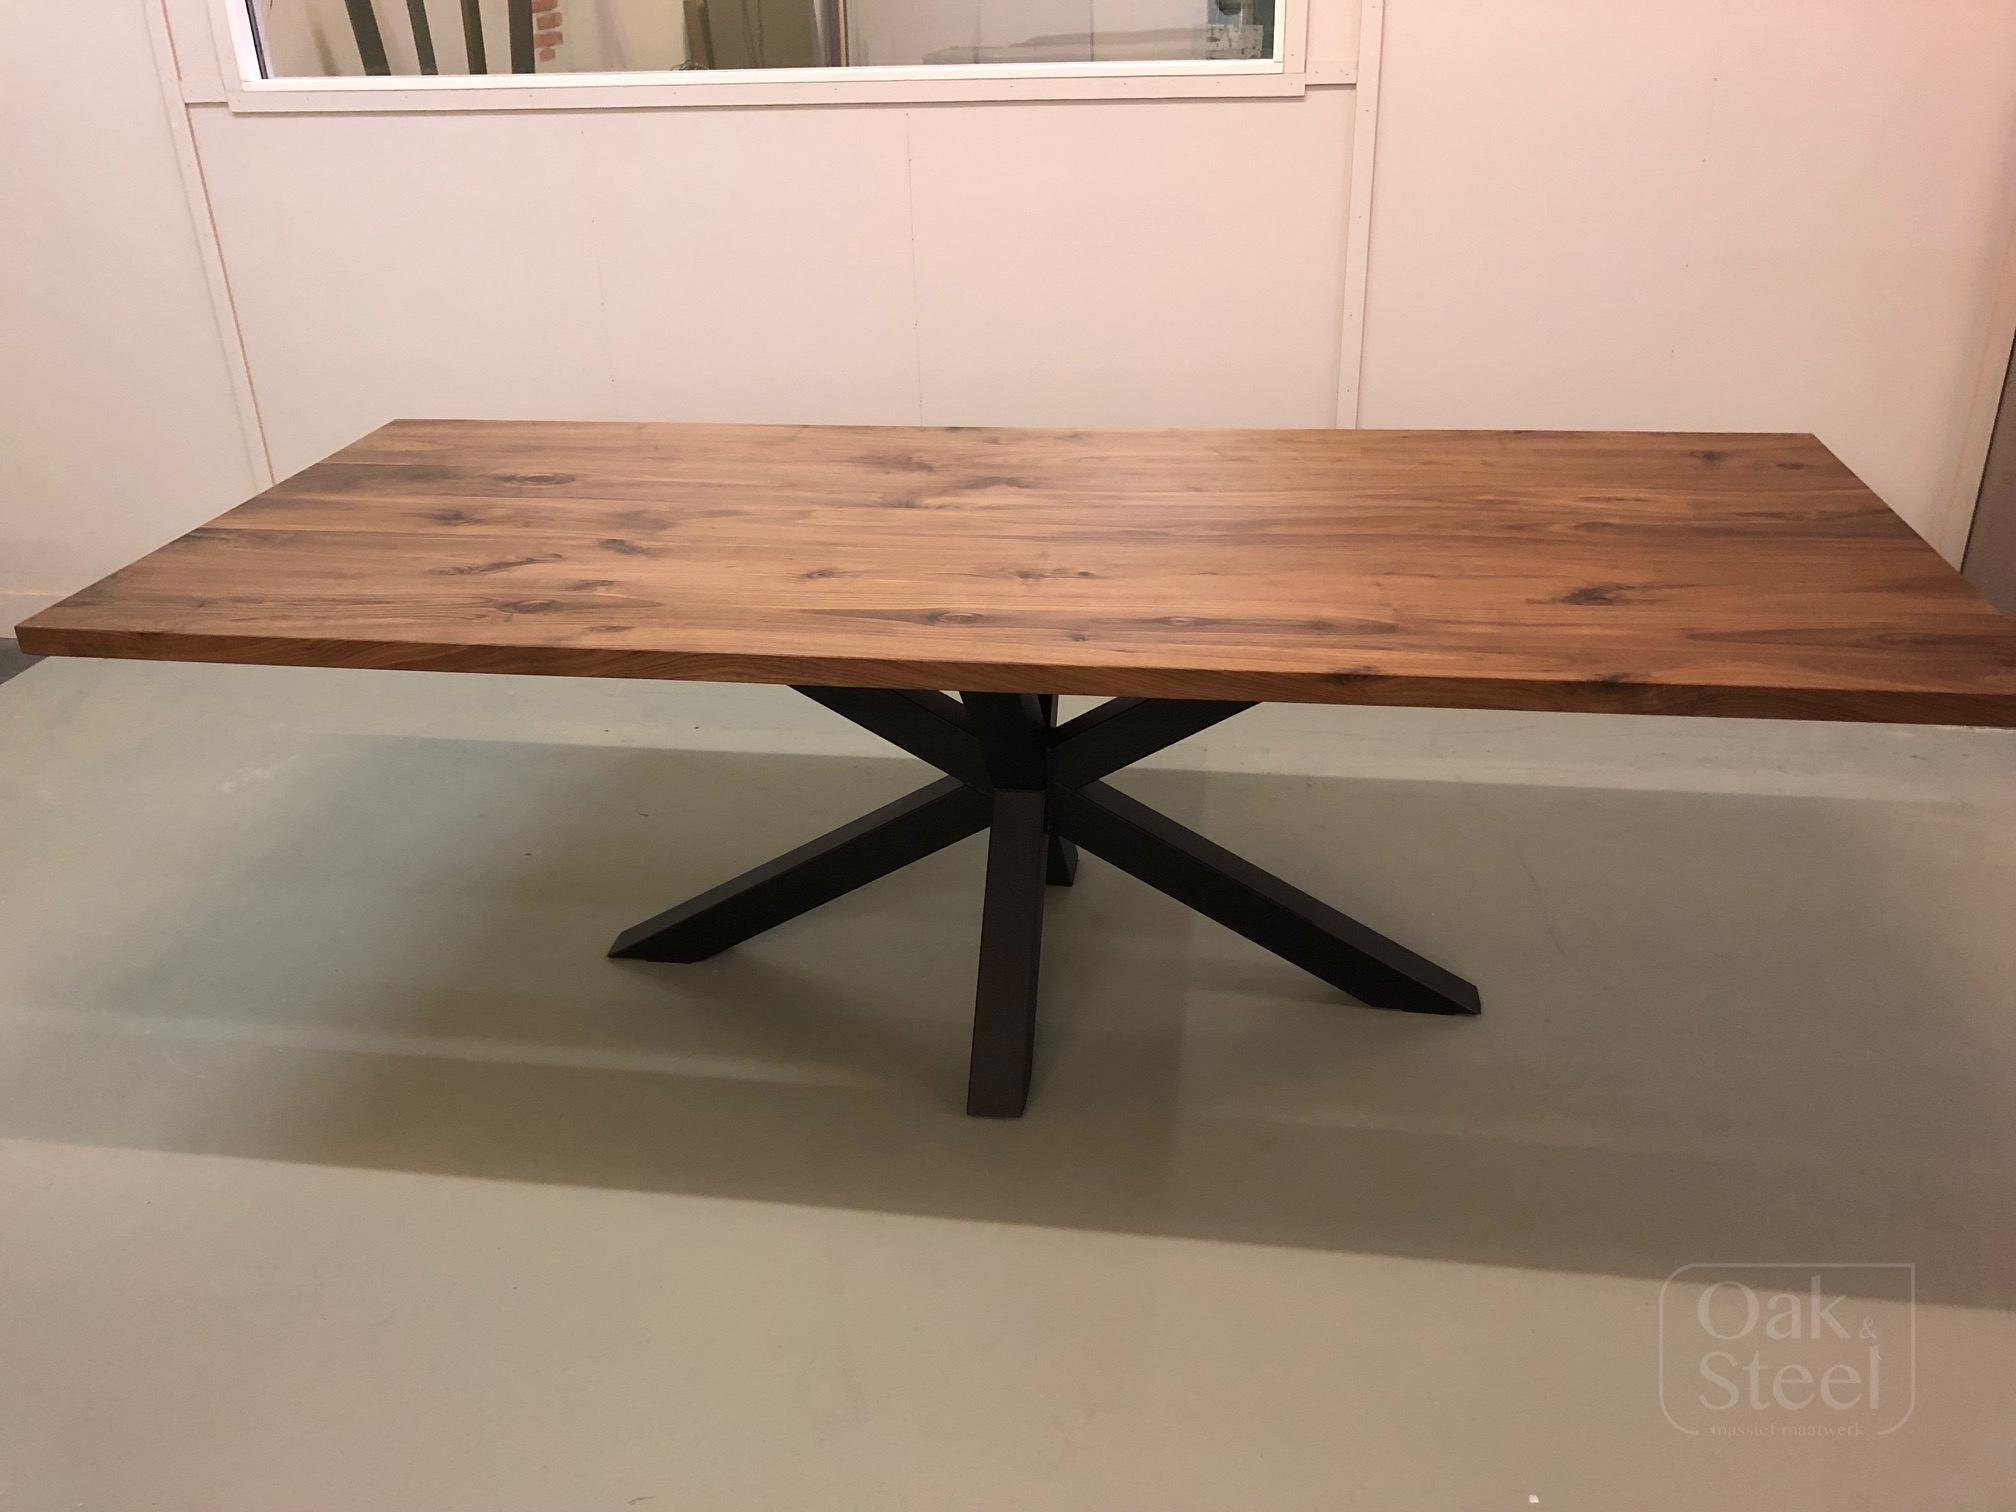 Onderhoud Notenhouten Tafel : Noten tafels oak steel